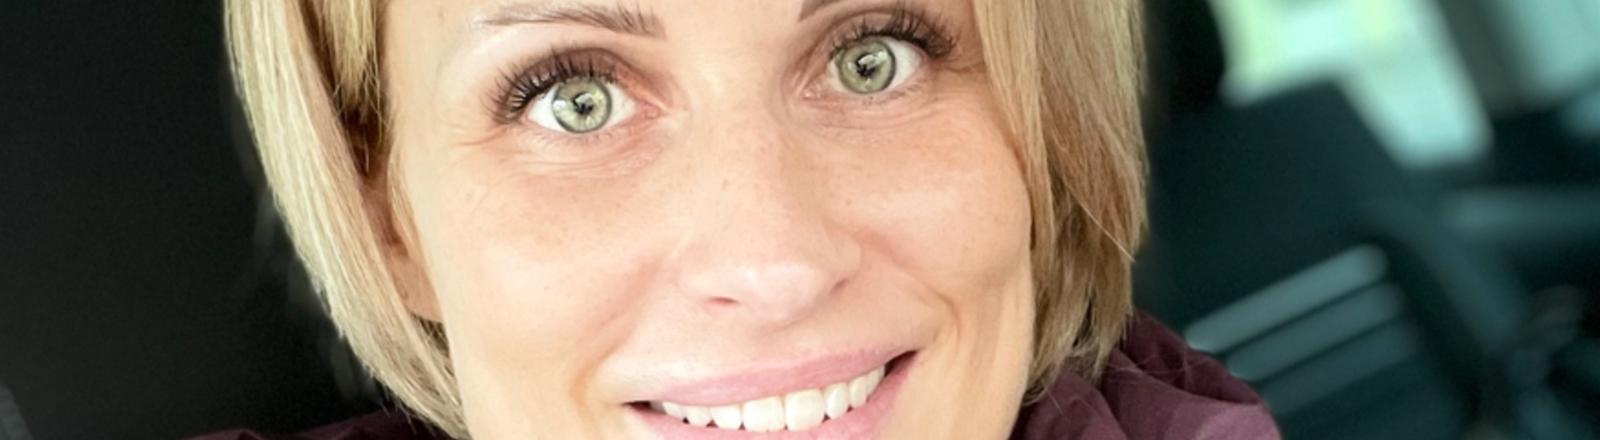 Alex musste ihr Kosmetik-Studio im November schließen.